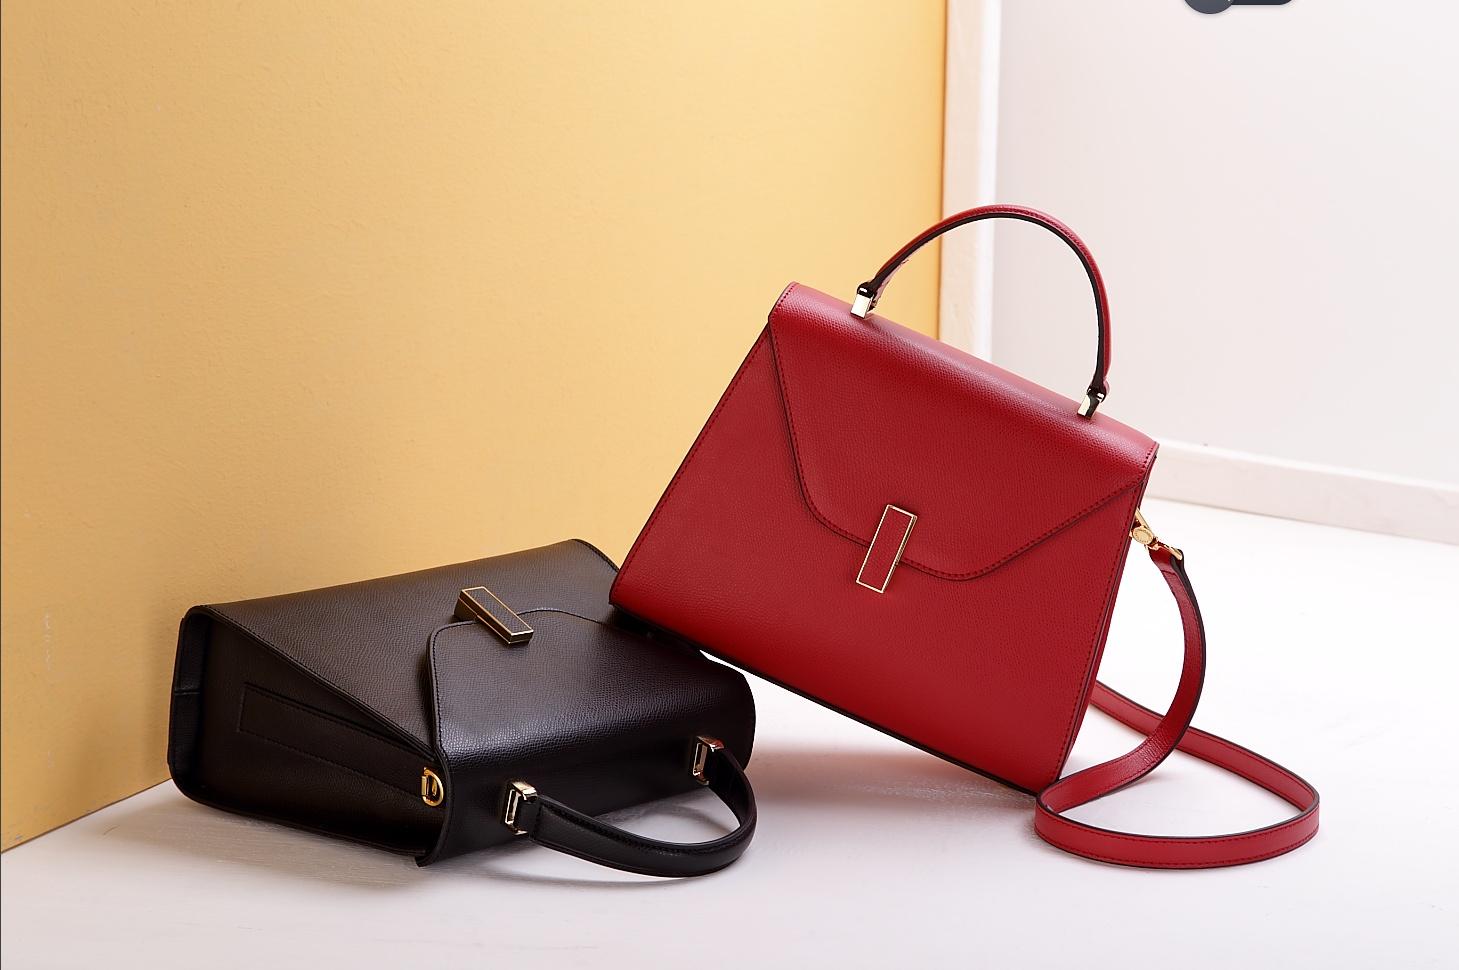 宜兴奢侈品包包维修,细说高仿包包不同等级的包有何区别